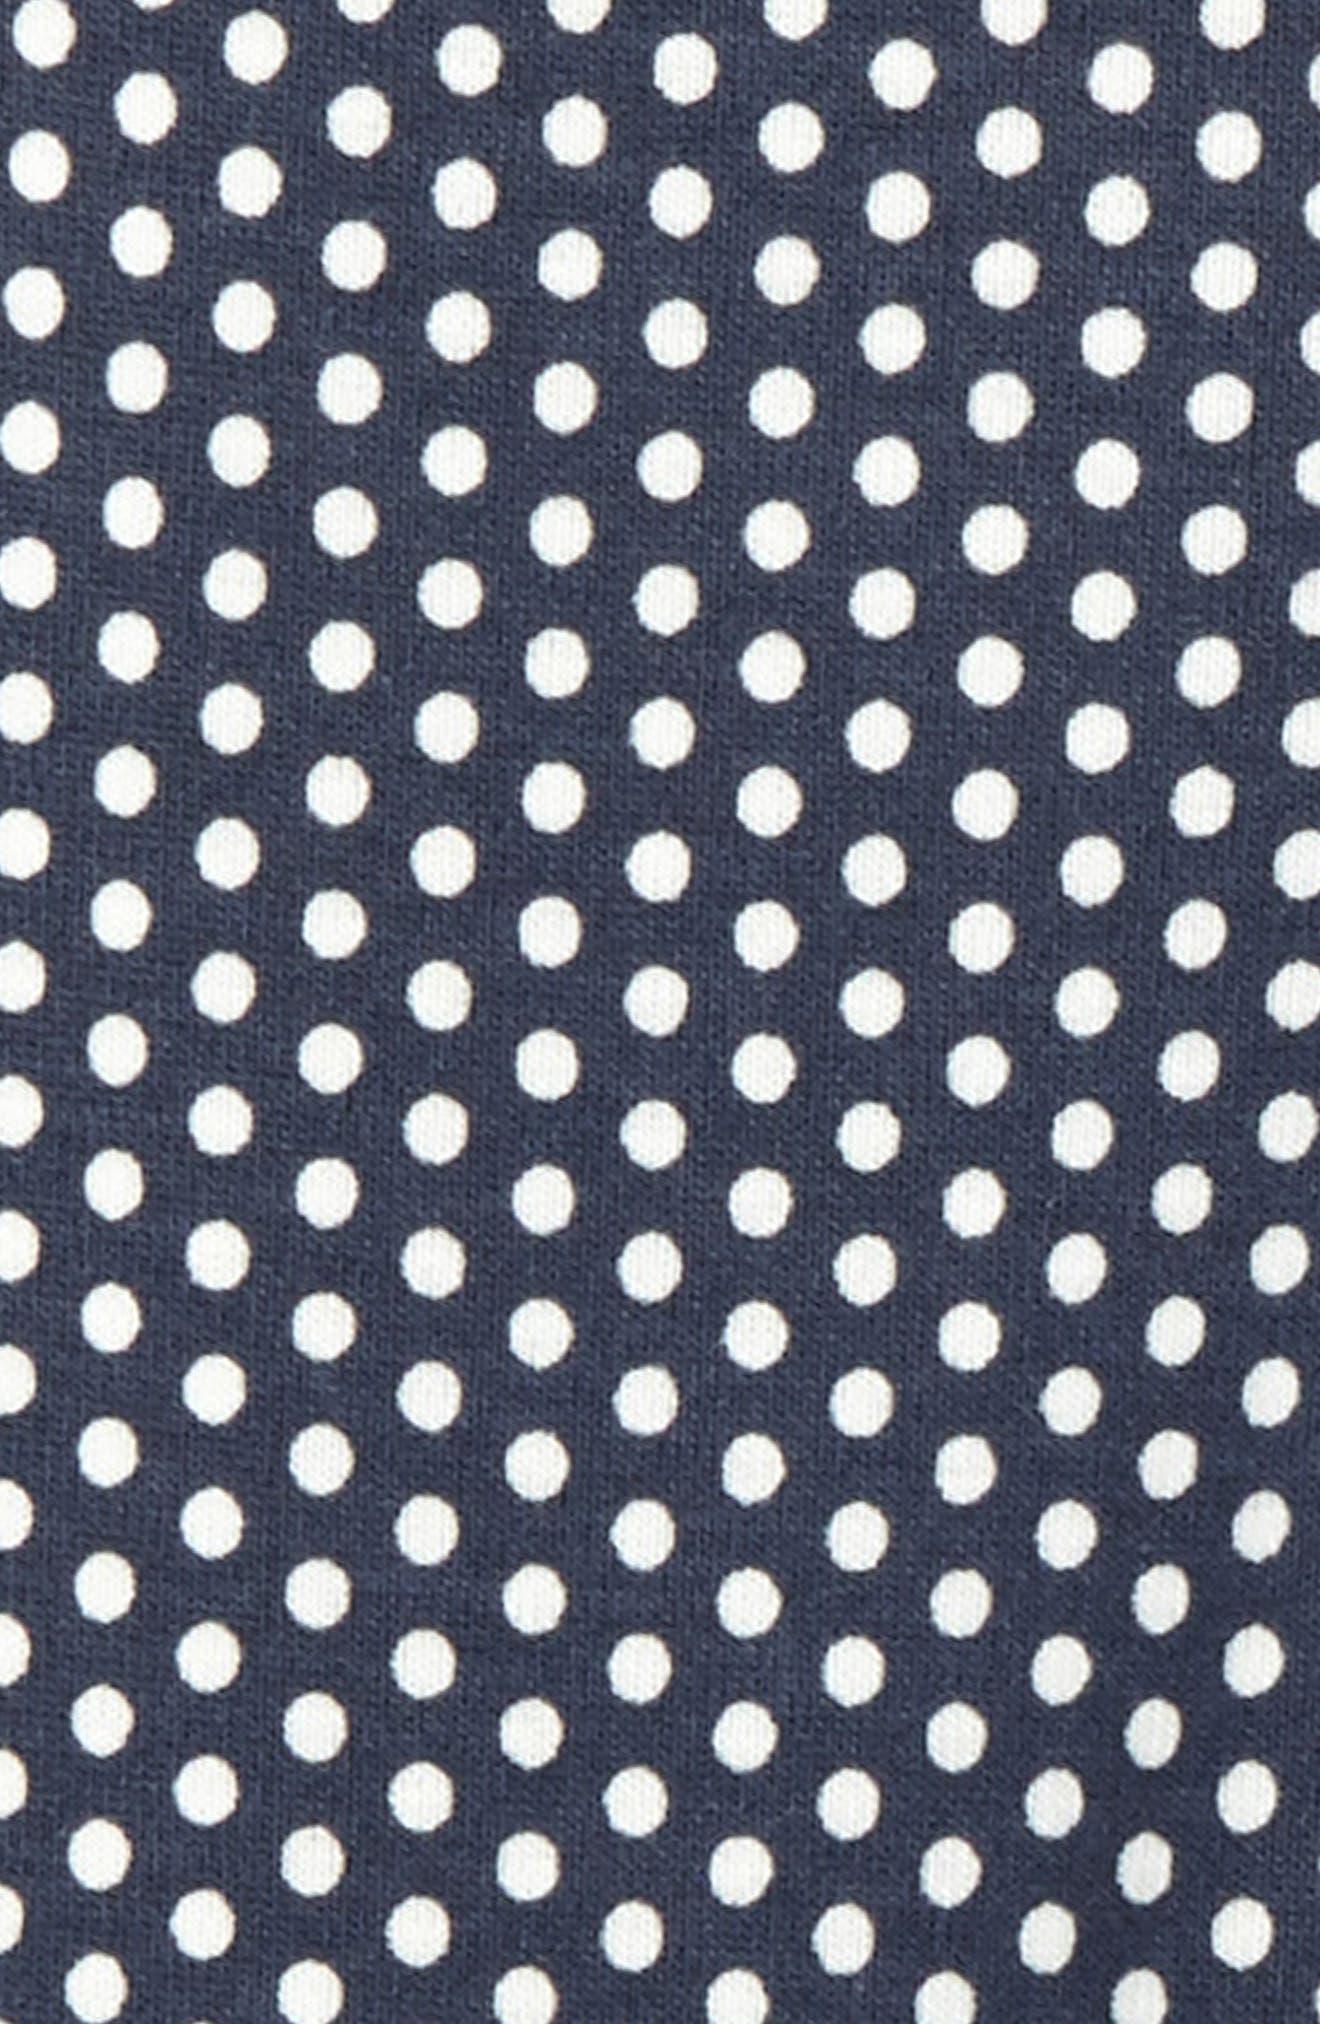 Polka Dot Leggings,                             Alternate thumbnail 2, color,                             411